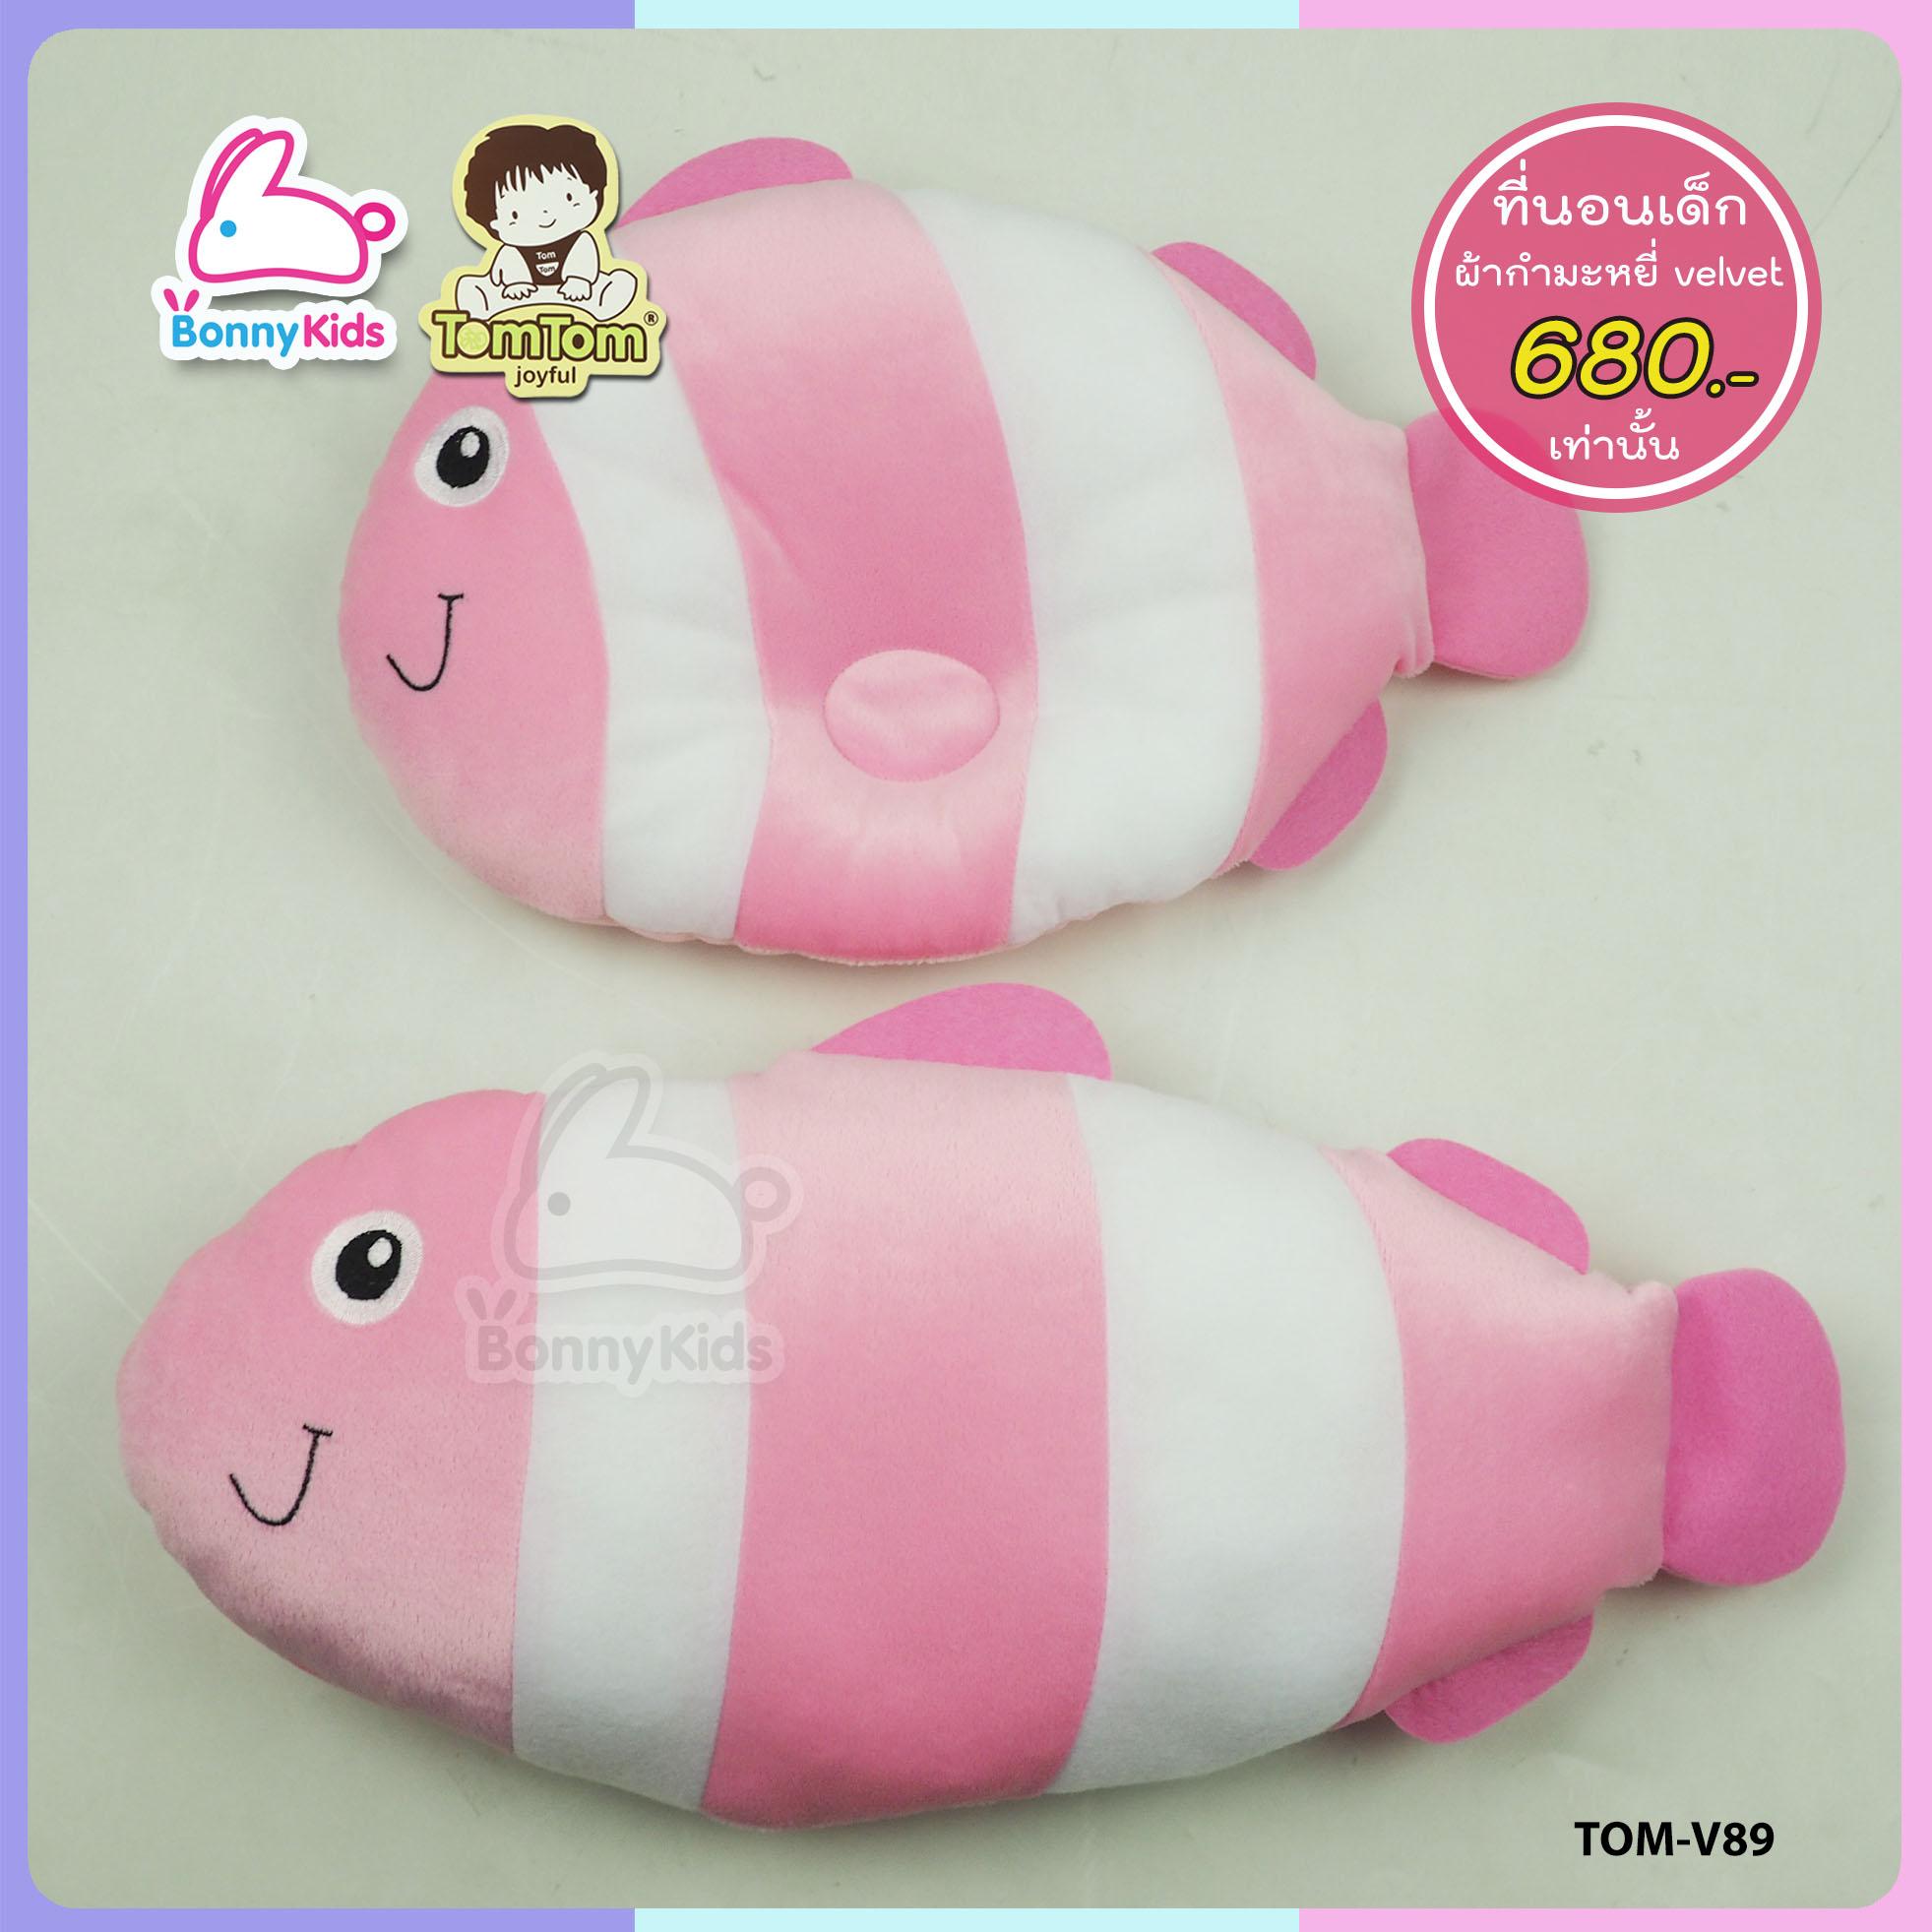 ที่นอน tom tom ปลานีโม่สีสันสุดน่ารัก